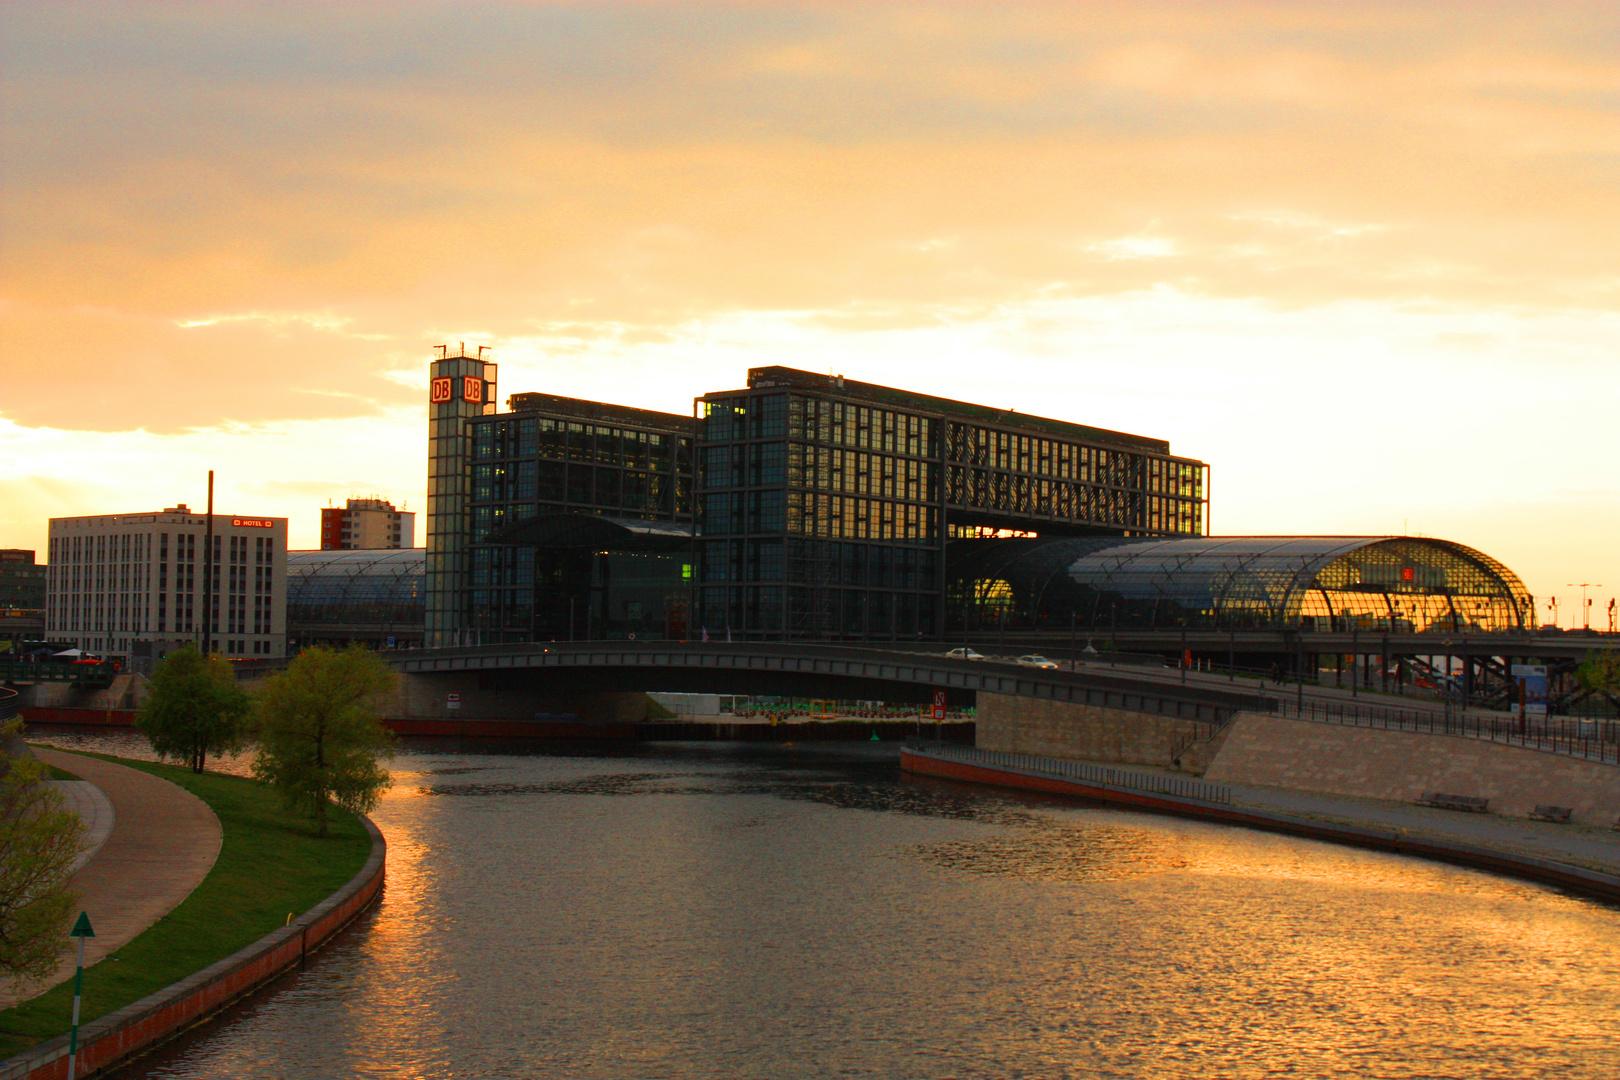 Berlin du kannst so hässlich sein :)